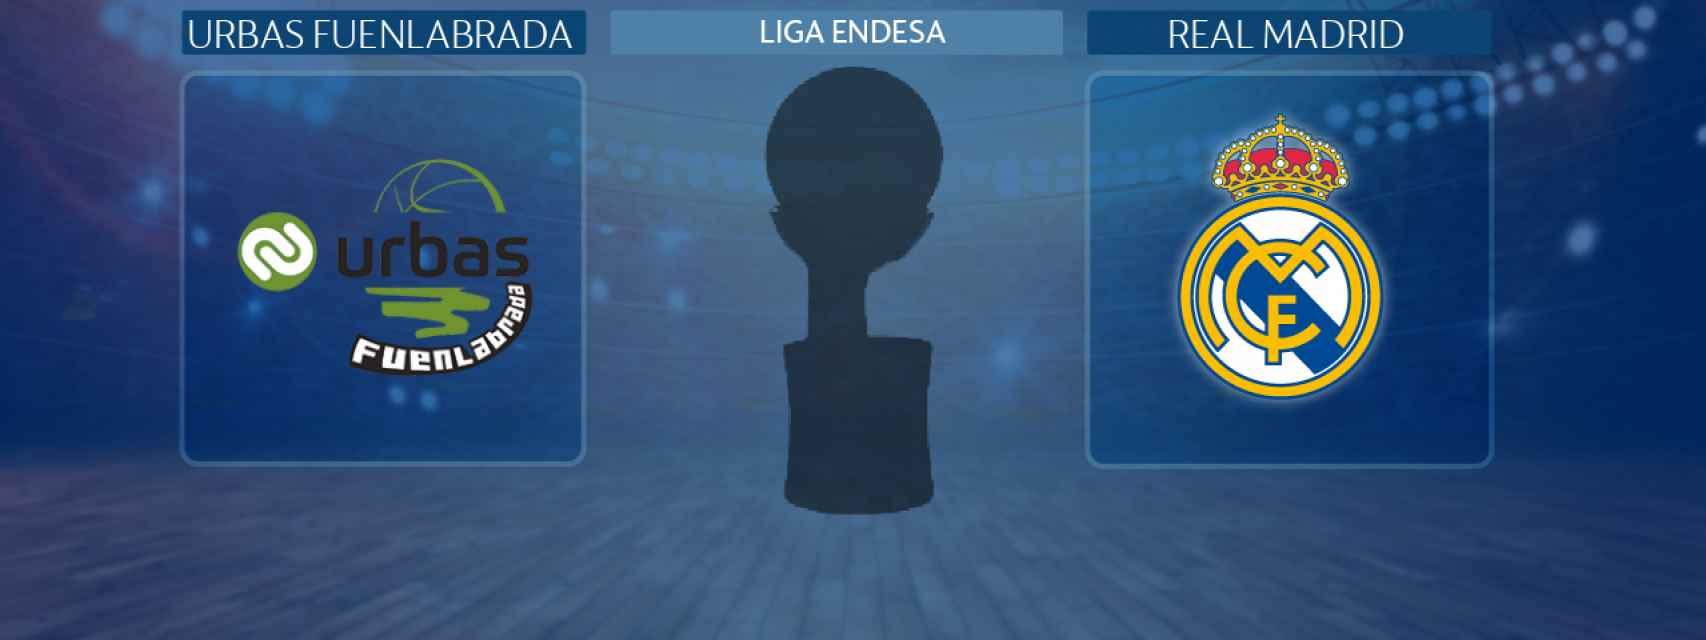 Urbas Fuenlabrada - Real Madrid, partido de la Liga Endesa